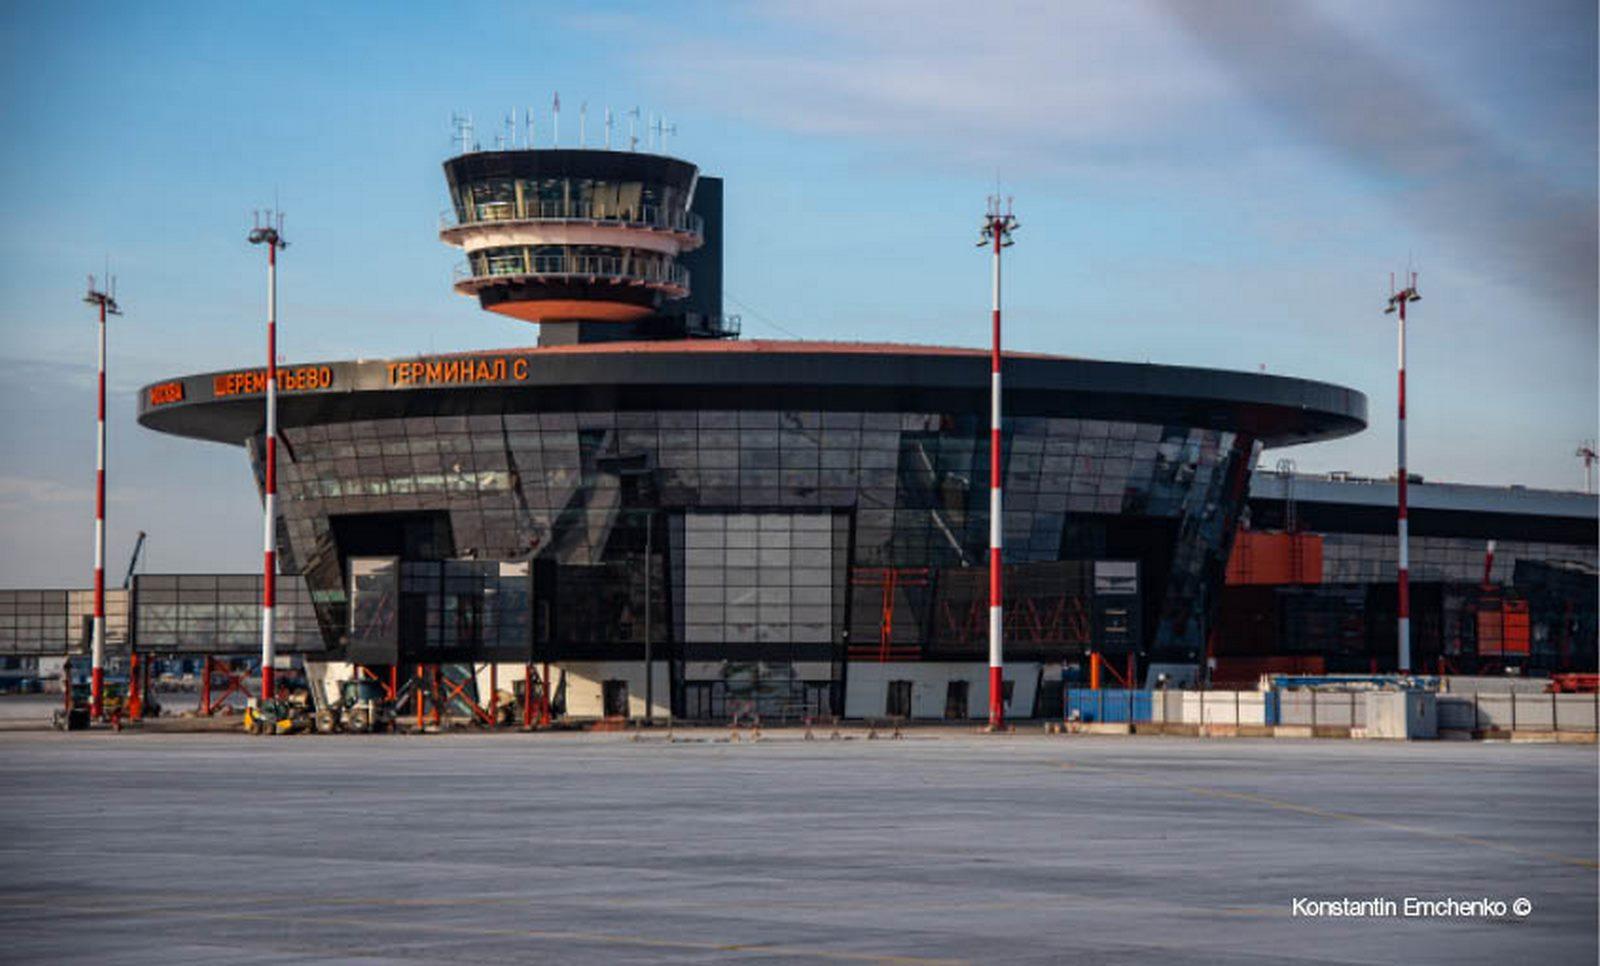 La historia y cultura rusa reflejada en el Aeropuerto de Moscú 1